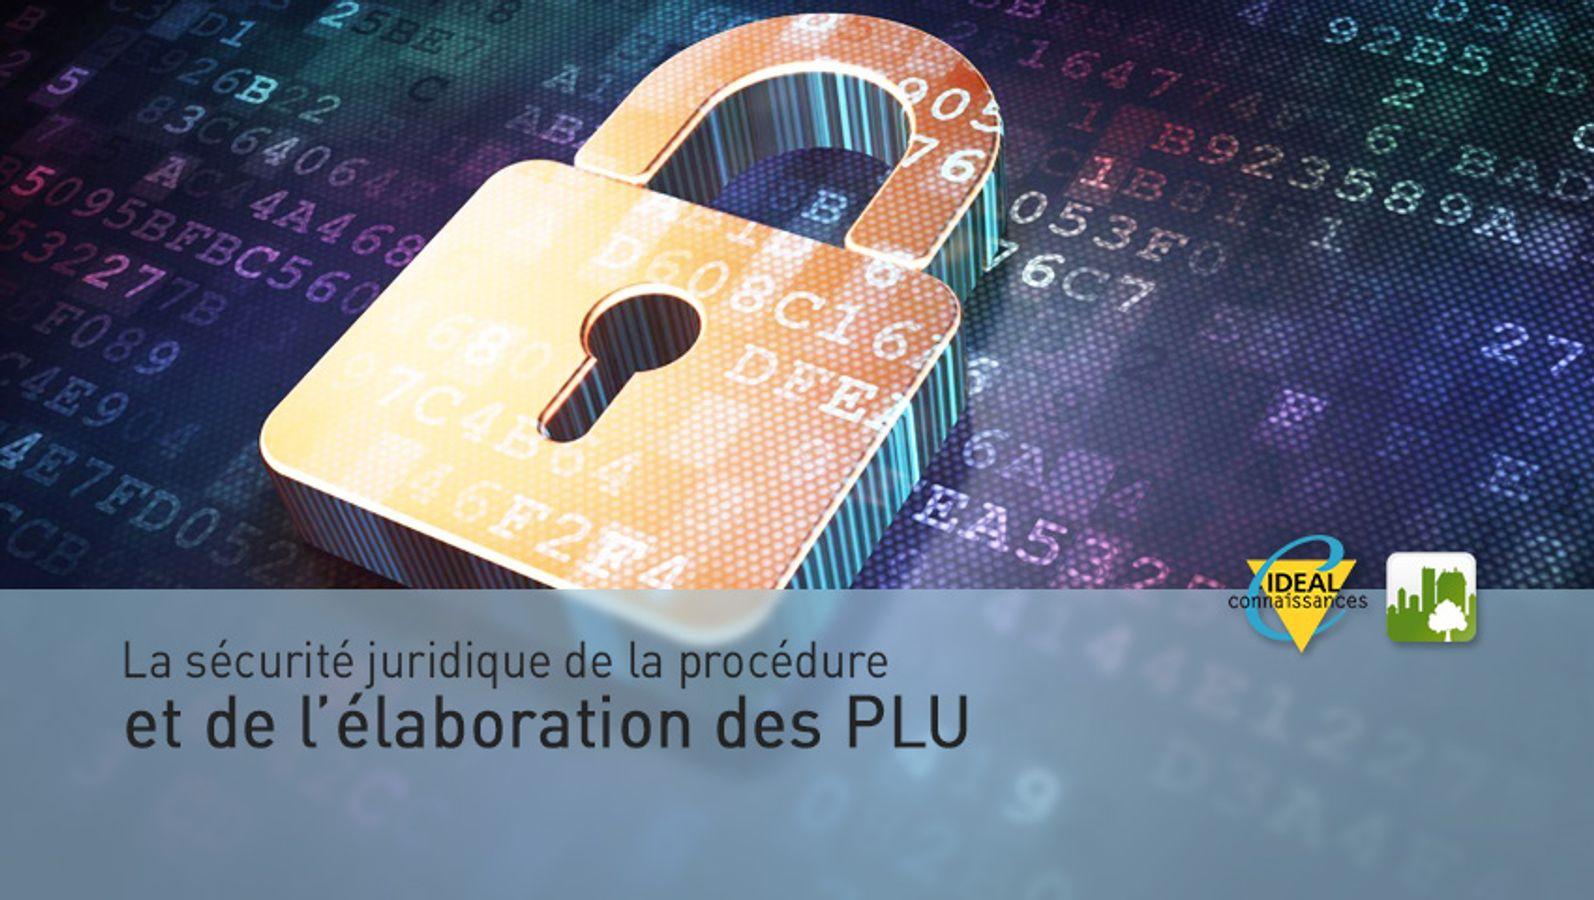 La sécurité juridique de la procédure et de l'élaboration des PLU